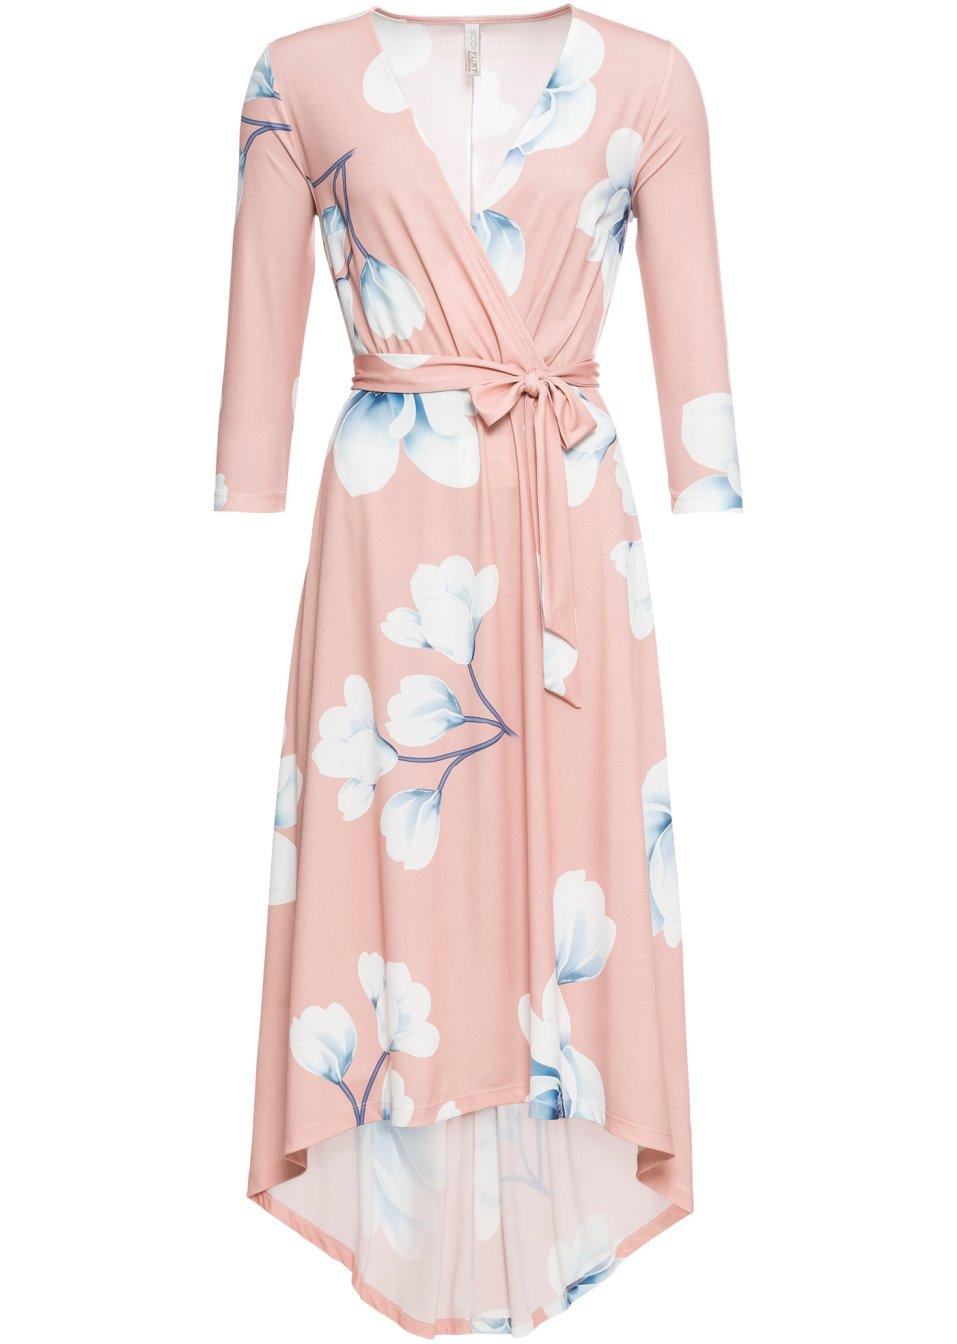 Stilvolles Wickelkleid mit 3/4-Ärmeln - rosa/dunkelblau geblümt PrW8B qZw5K